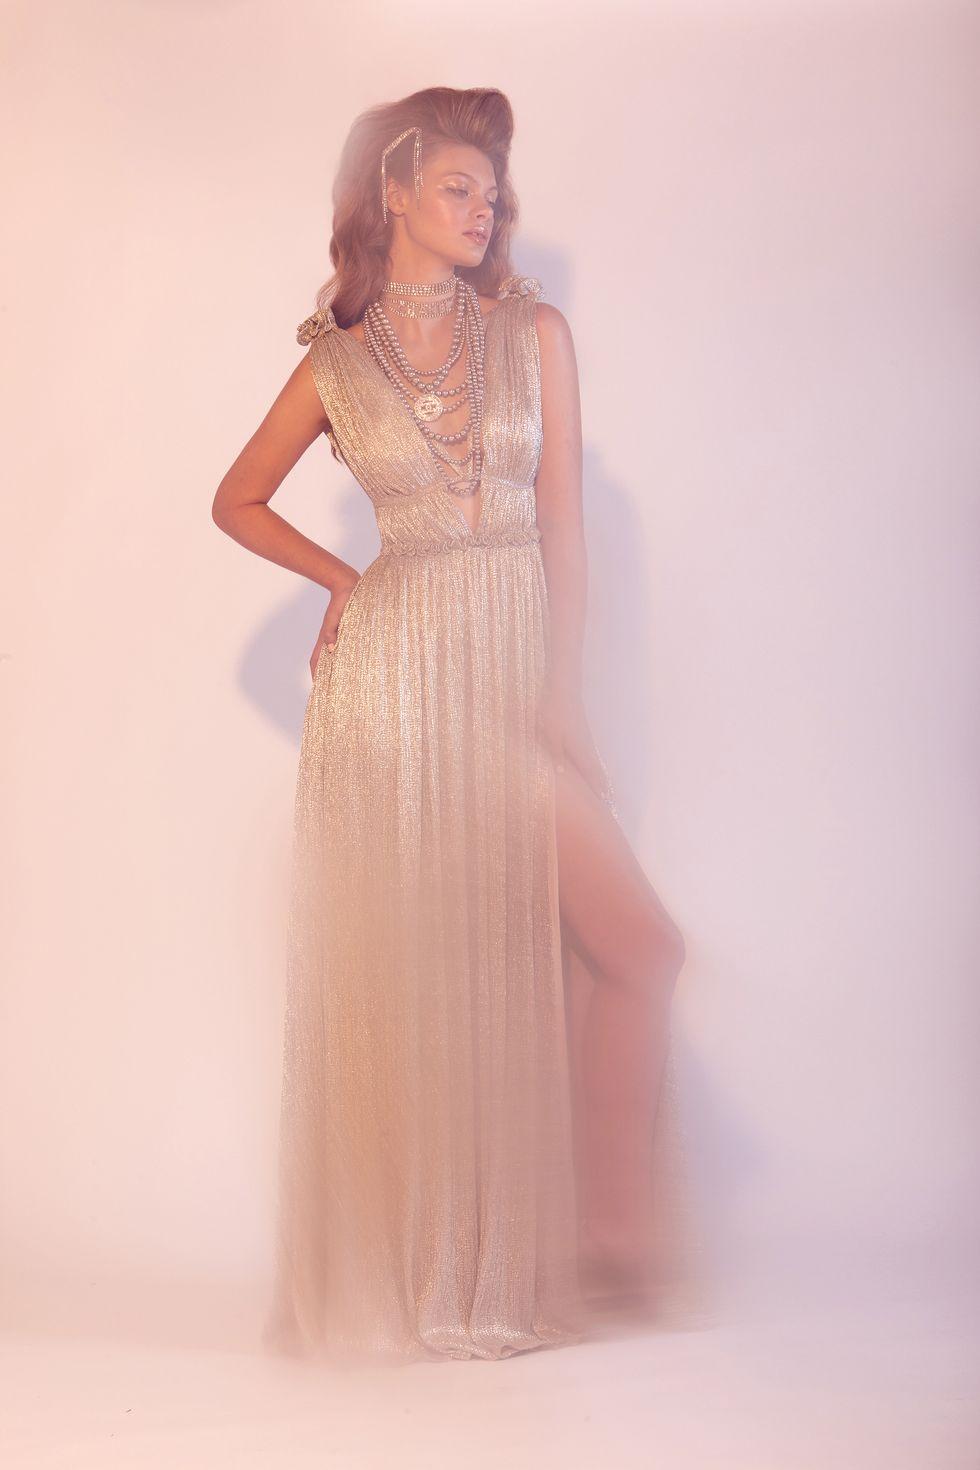 Vestido plateado de Jonathan Simkhai, pasadores de cristal plateados de Alessandra Rich, choker de Chanel, perlas metalizadas de Chanel.